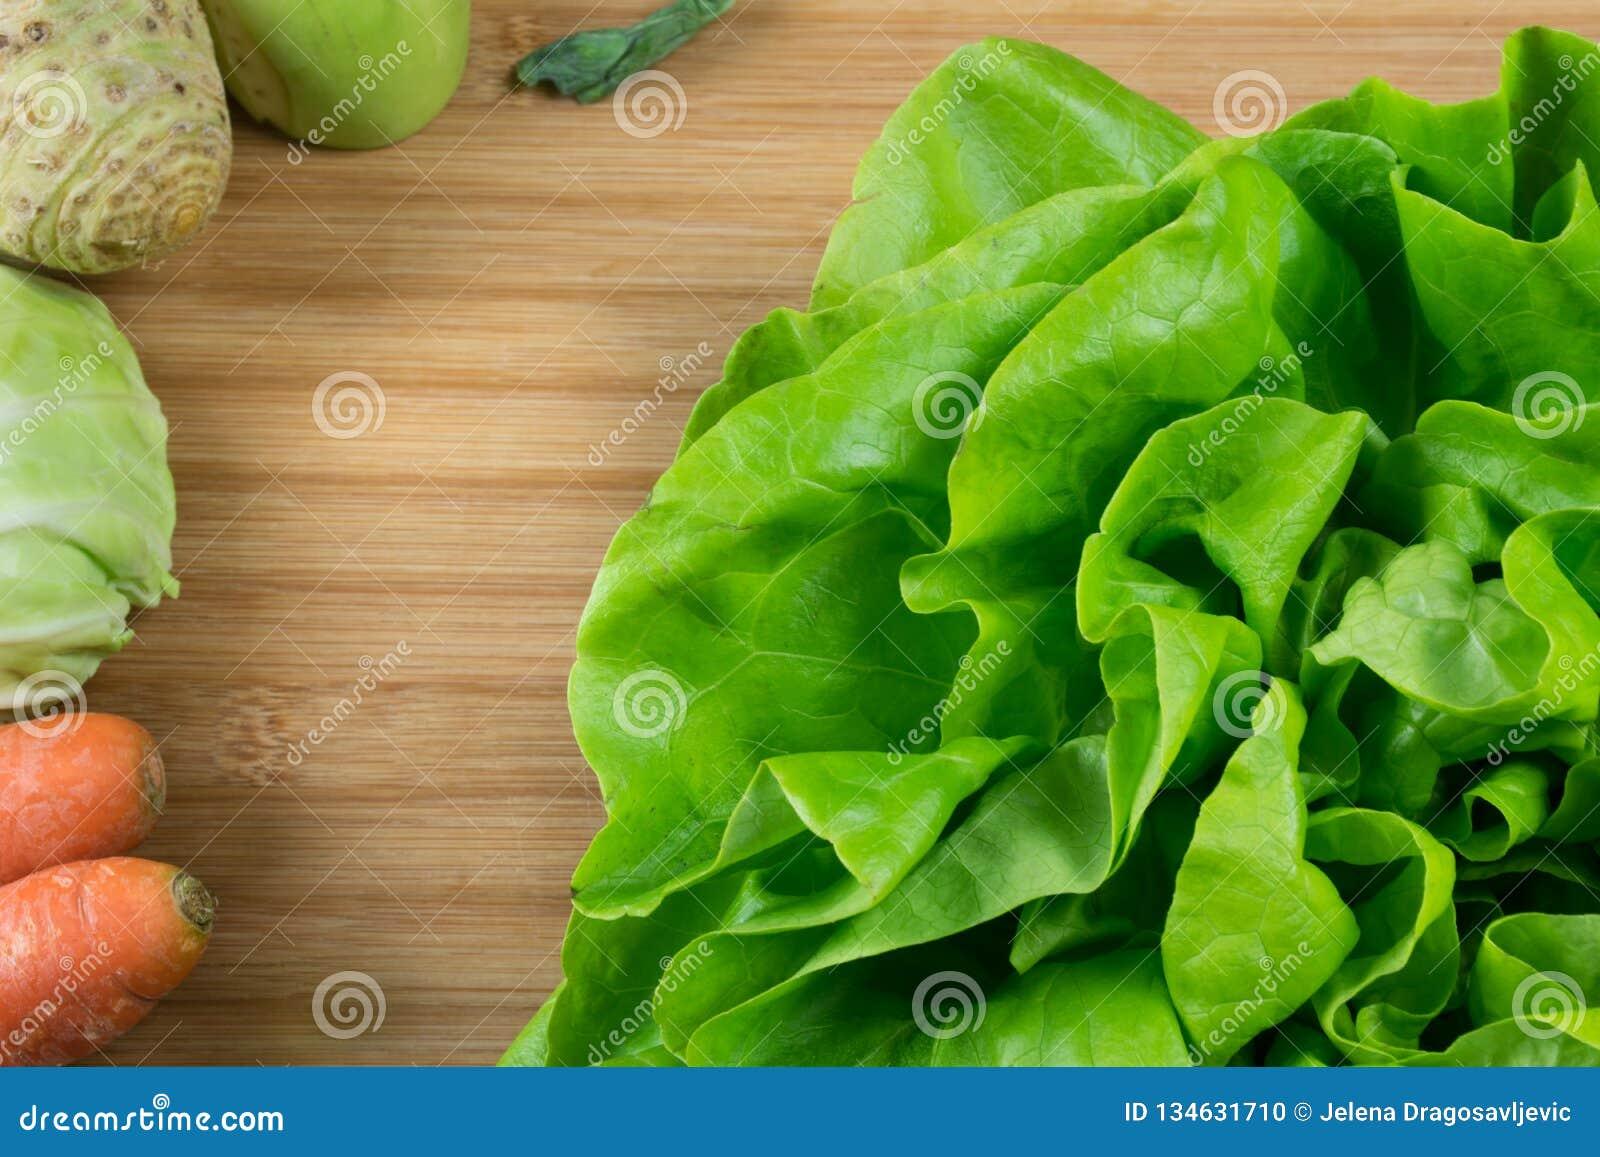 Lechuga verde fresca en el tablero del bacalao y verduras frescas, zanahoria, col, apio y colinabo en el lado